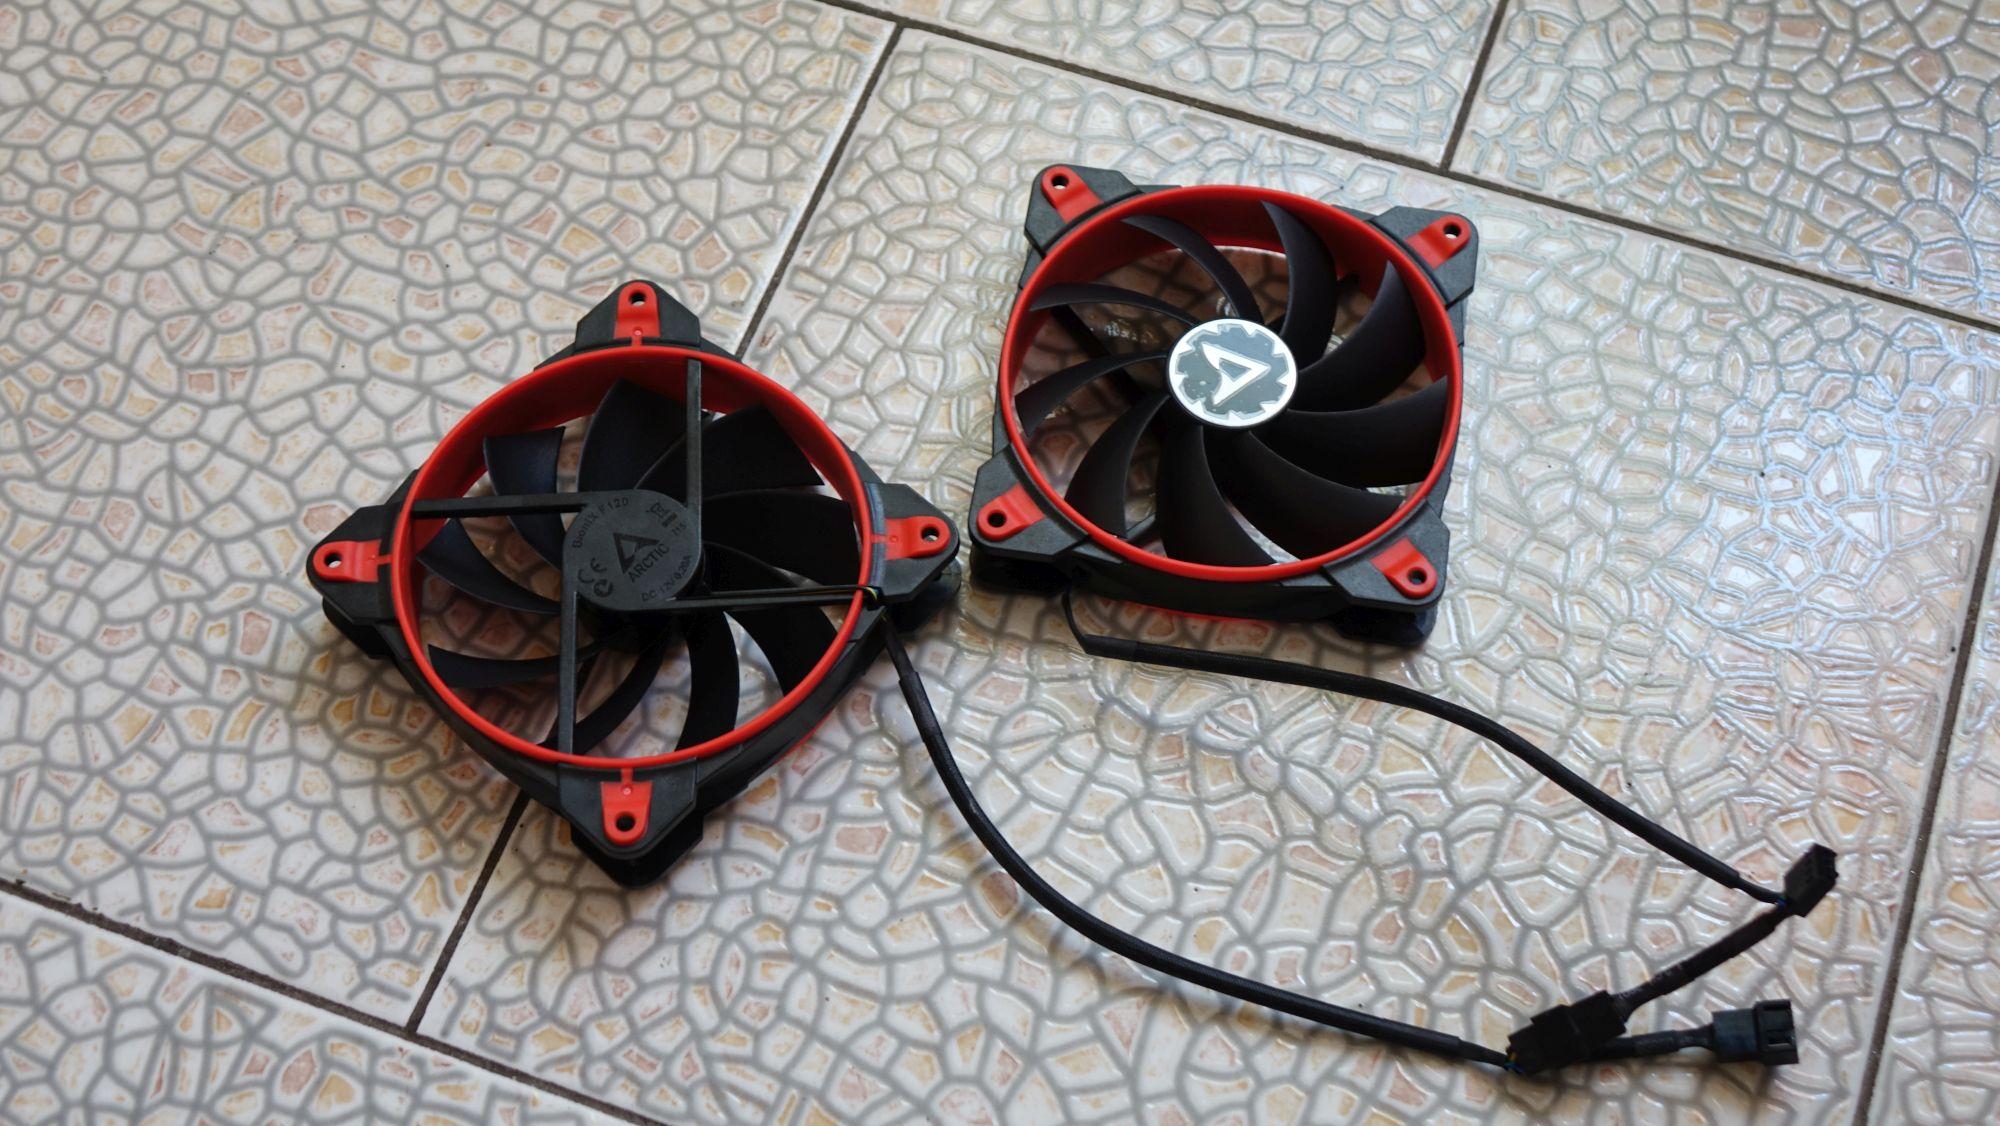 Arctic Freezer 33 eSports Edition вентиляторы